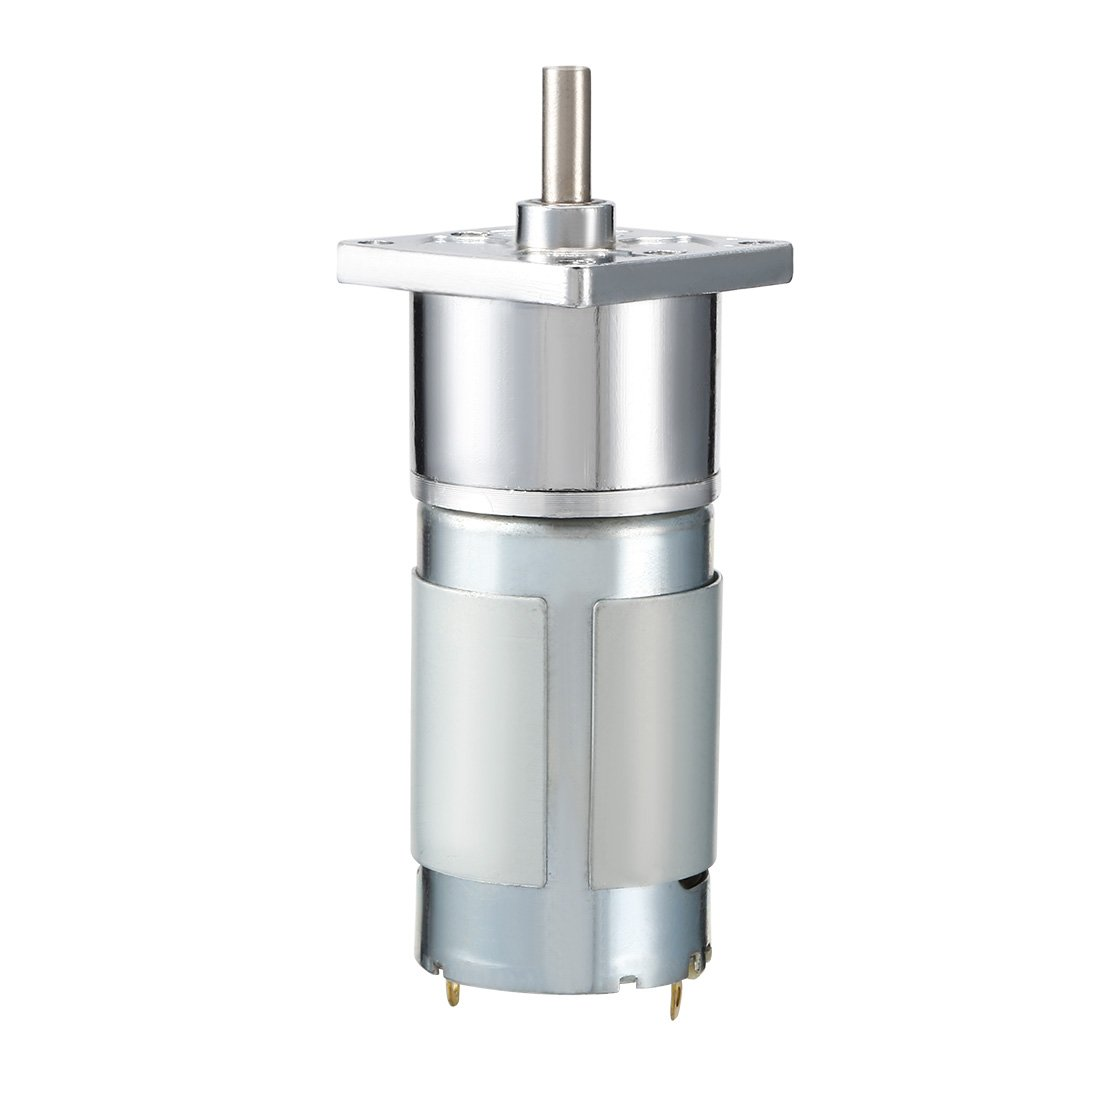 Sourcingmap - 114 mm de largo de 6 mm de diámetro del eje del motor de corriente continua 24v caja de 200 rpm de velocidad de salida orientado: Amazon.es: ...